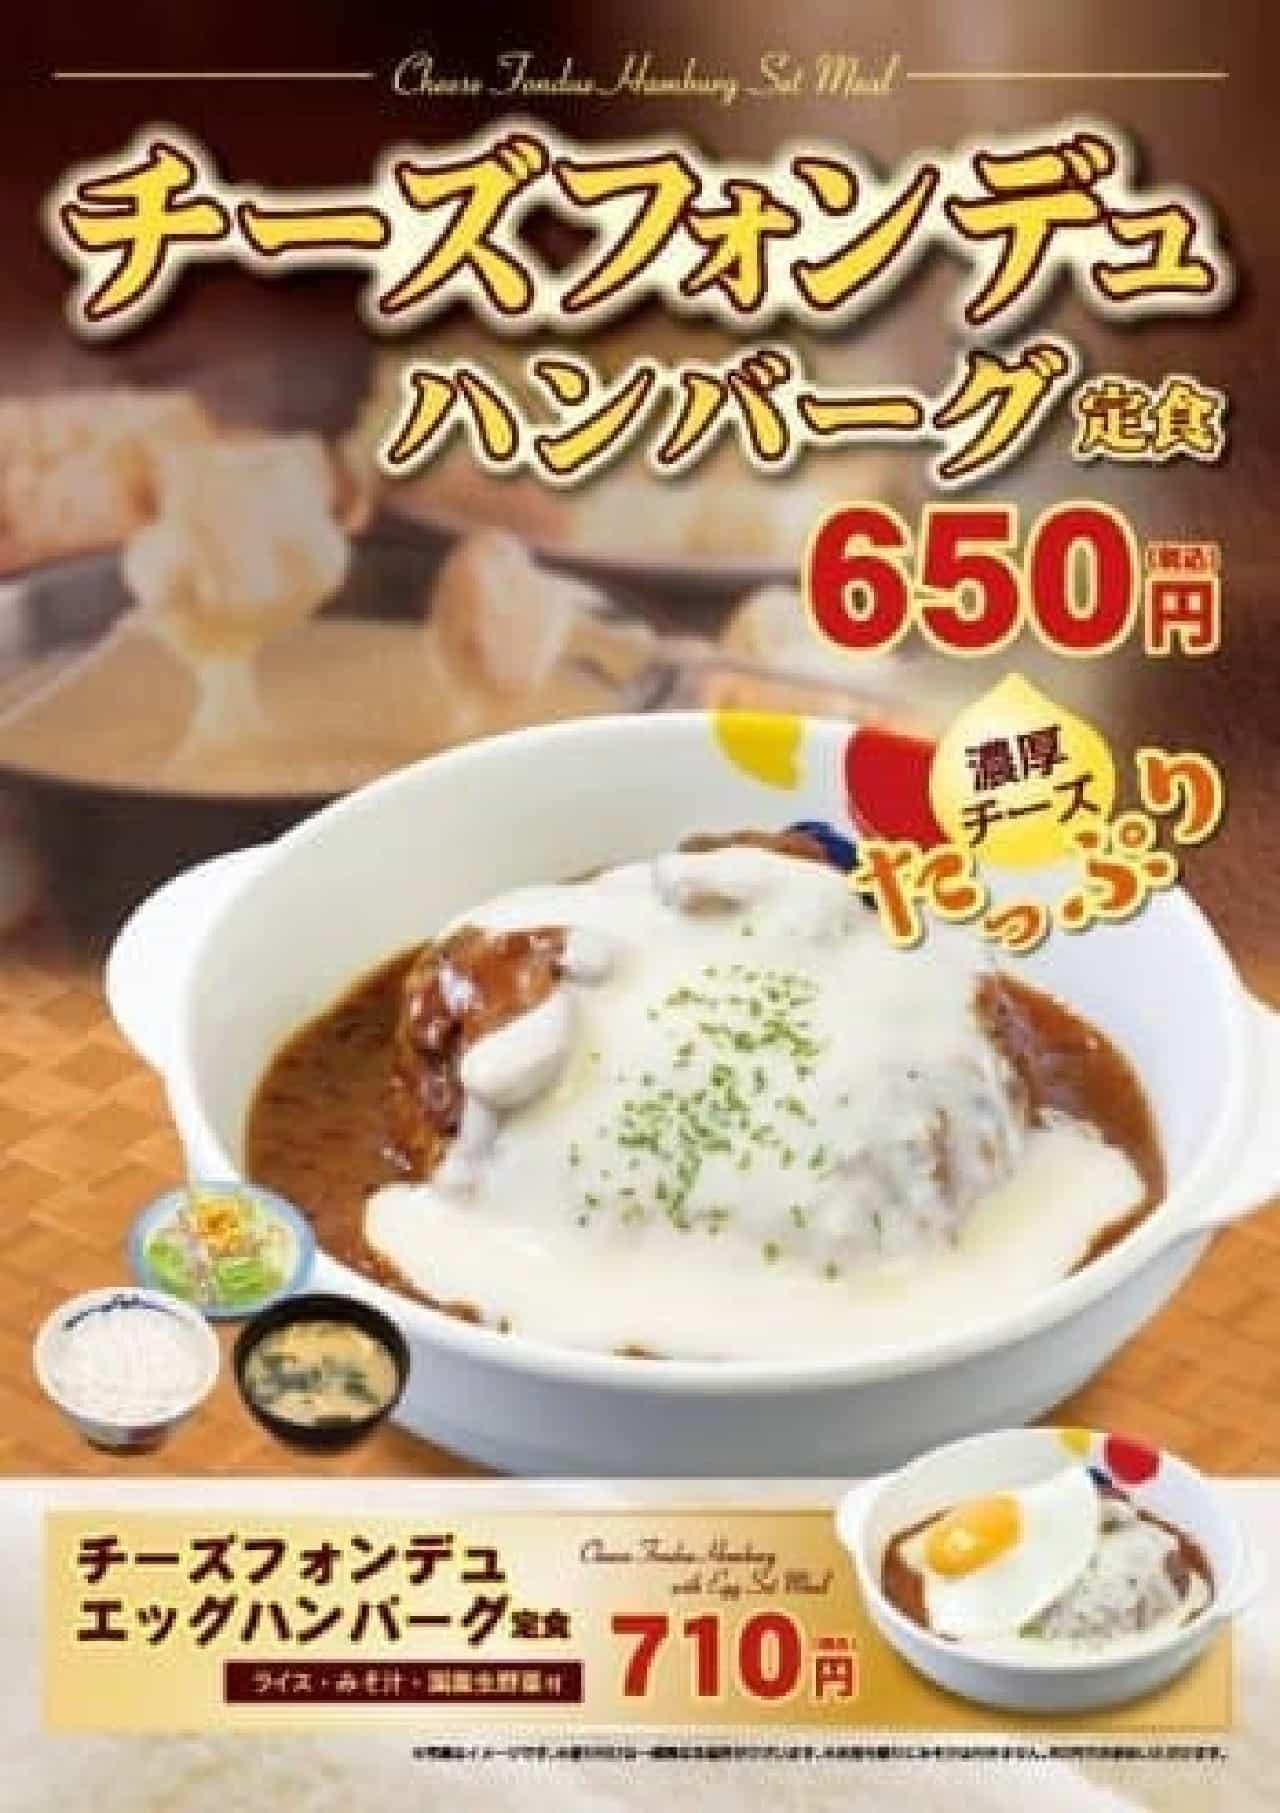 松屋「チーズフォンデュハンバーグ定食」